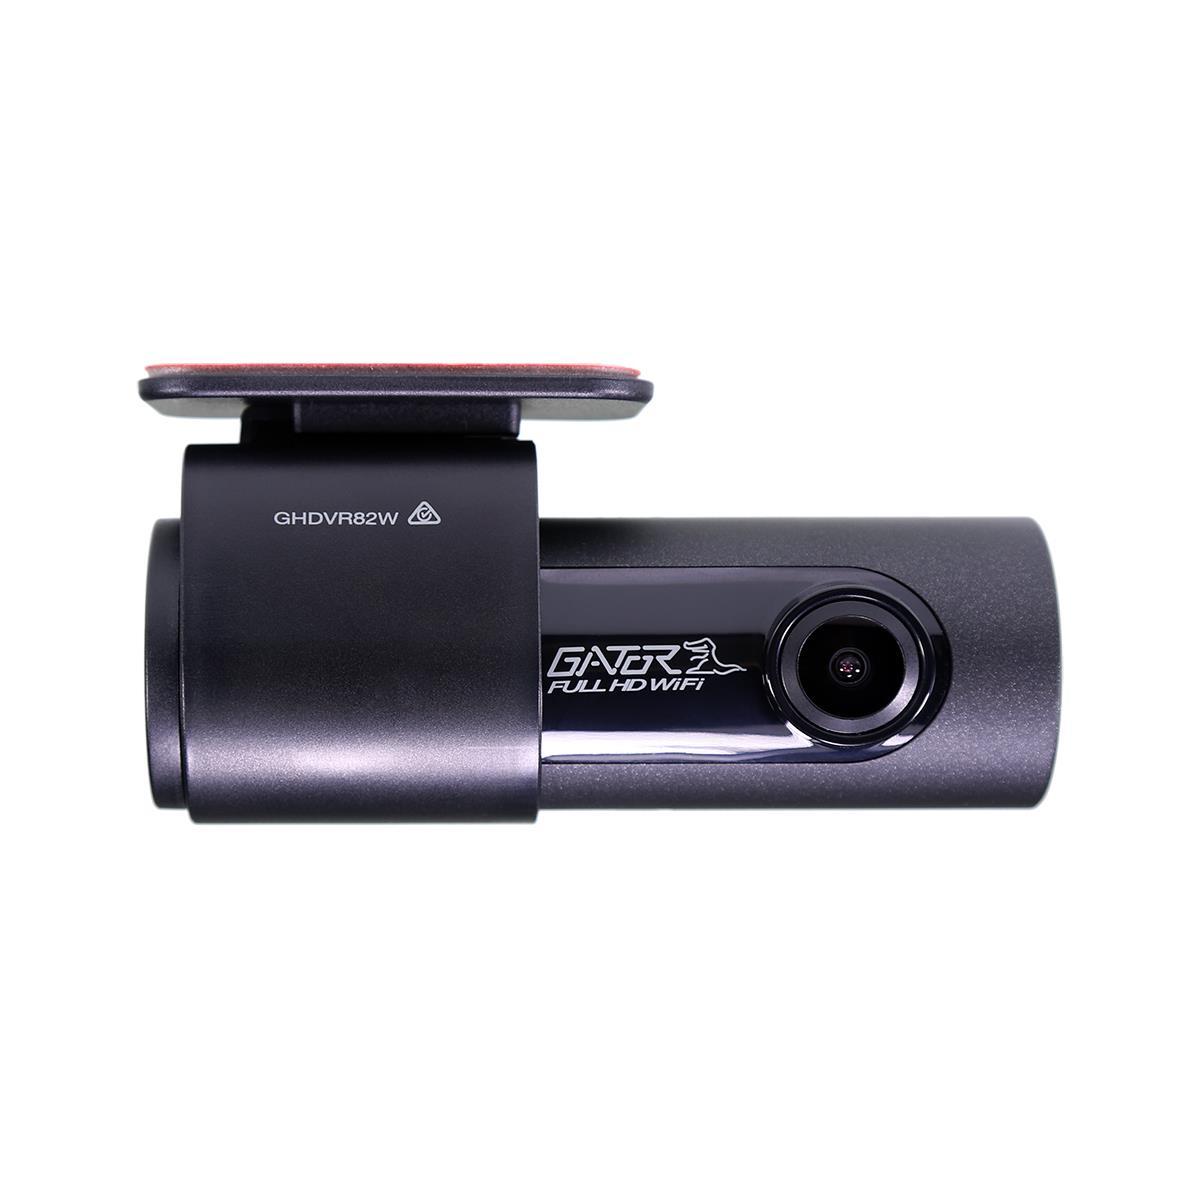 Gator dashcam 1080p Full HD Wifi + 8GB micro SD